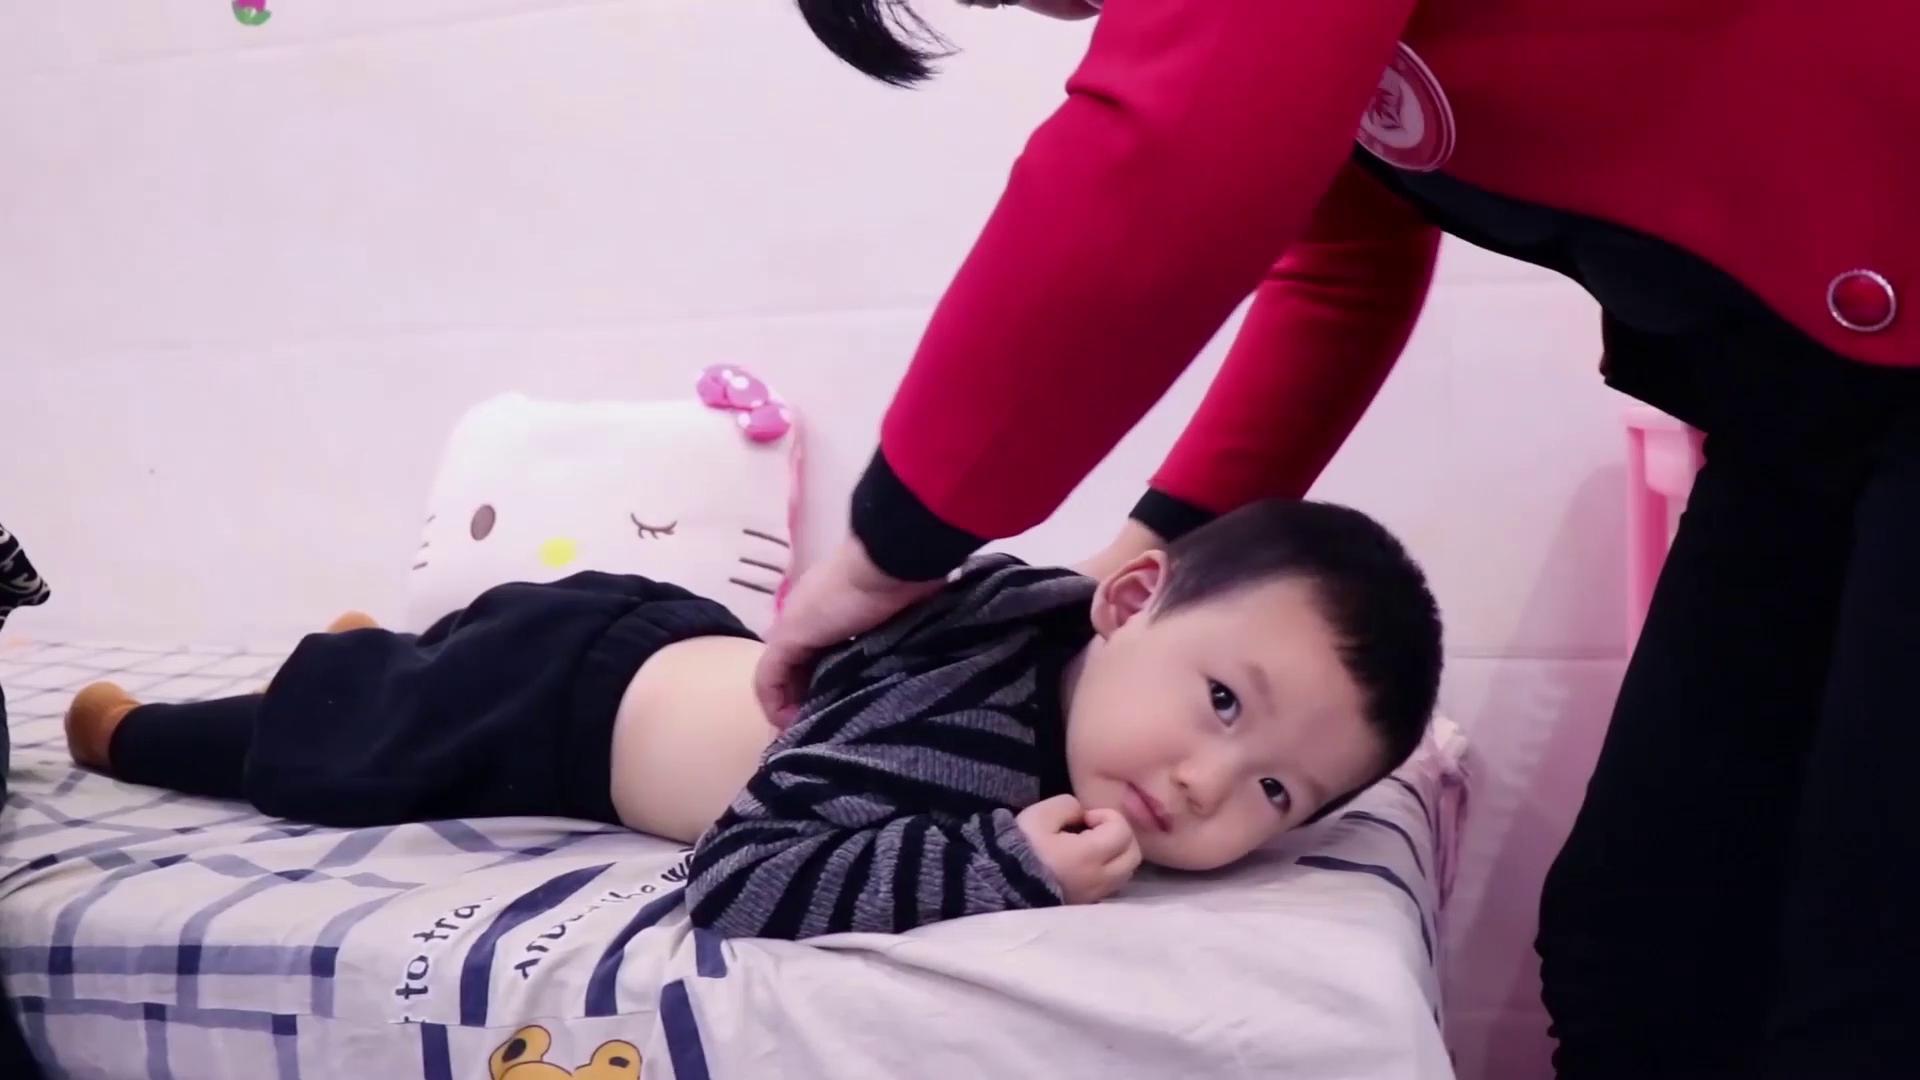 巾幗花開競芬芳 扶貧助困勇擔當——記中國好人賀一平